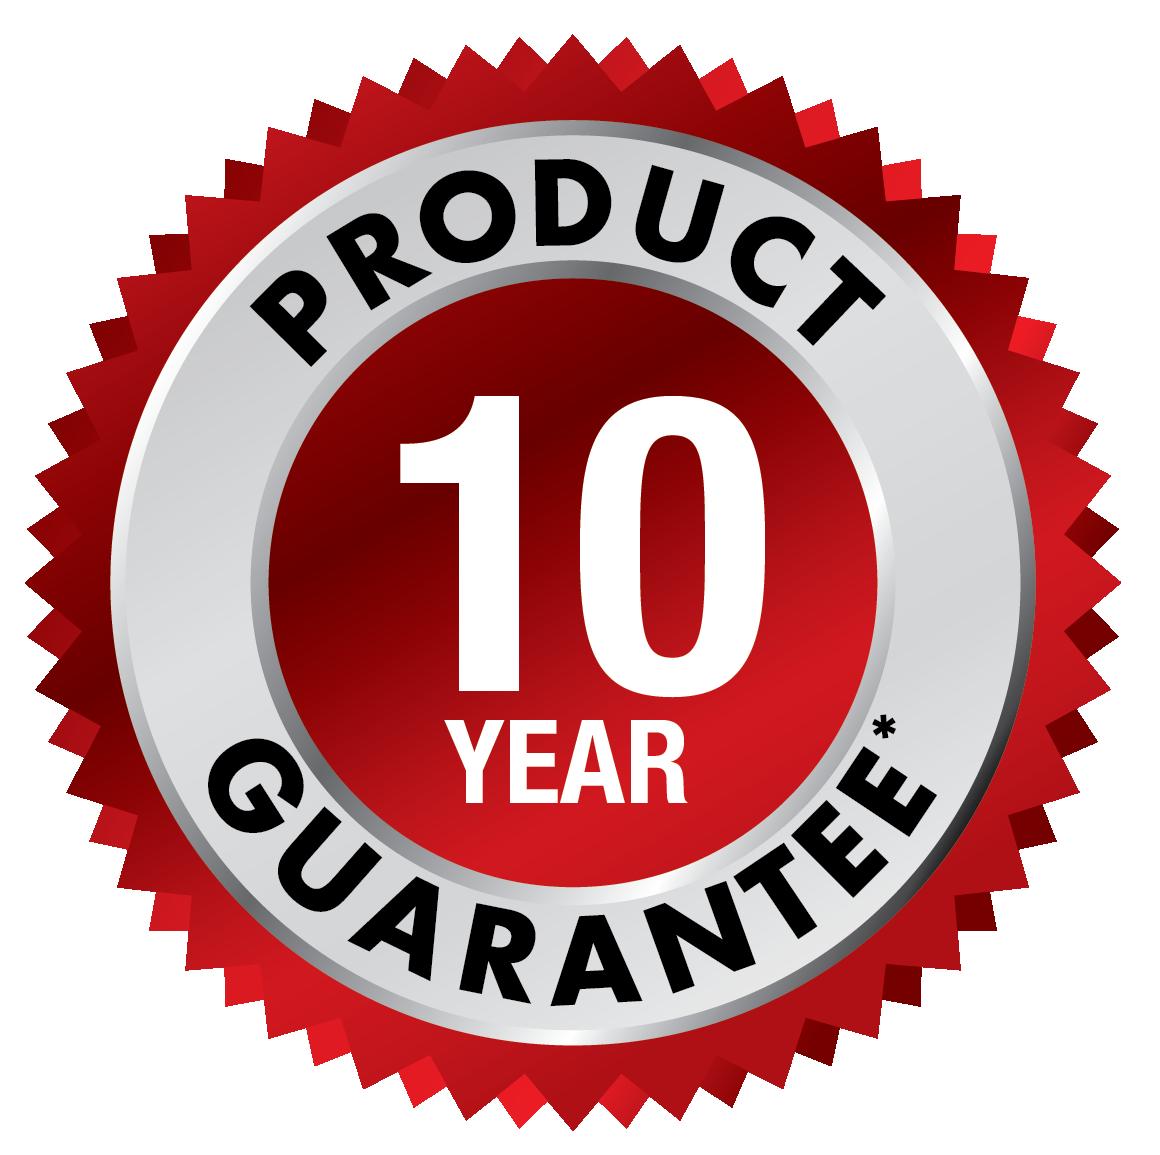 10 Year Guarantee USA